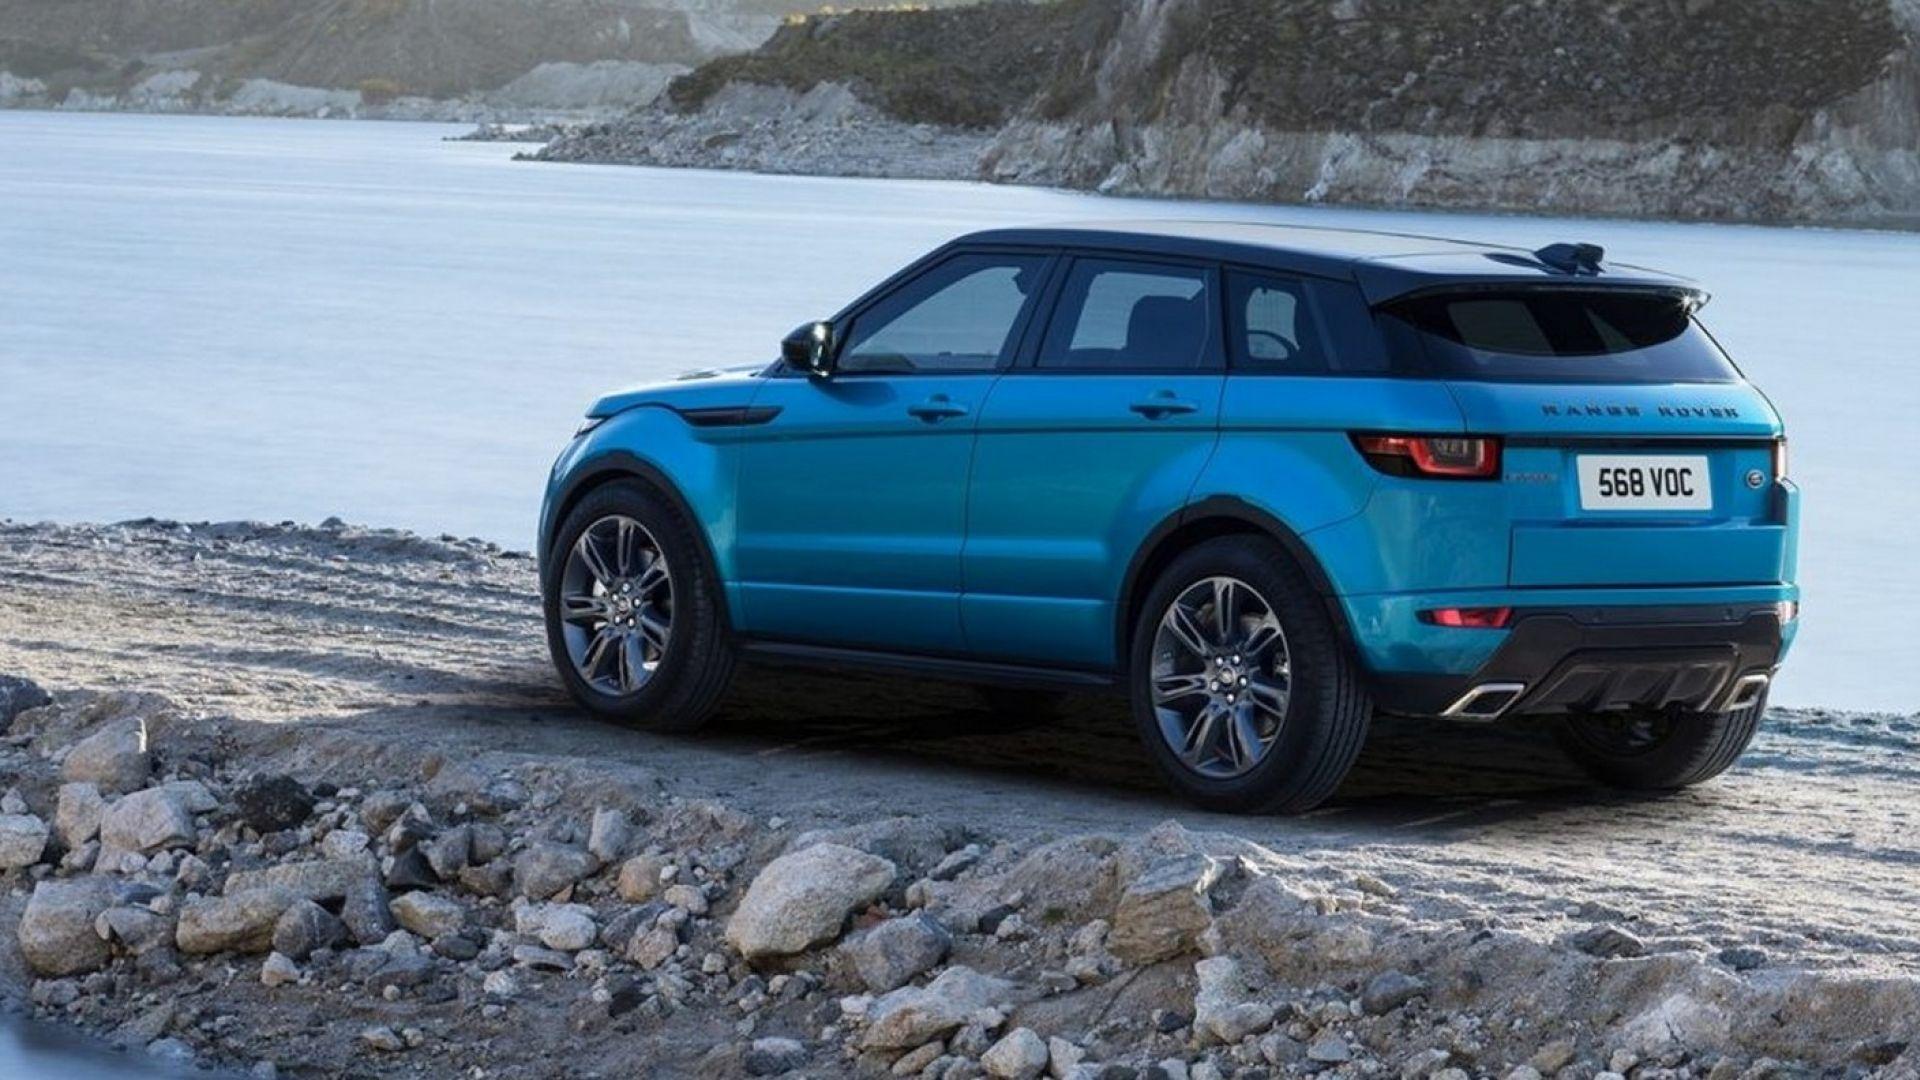 Nuova Range Rover Evoque: quando esce, prezzo, immagini ...